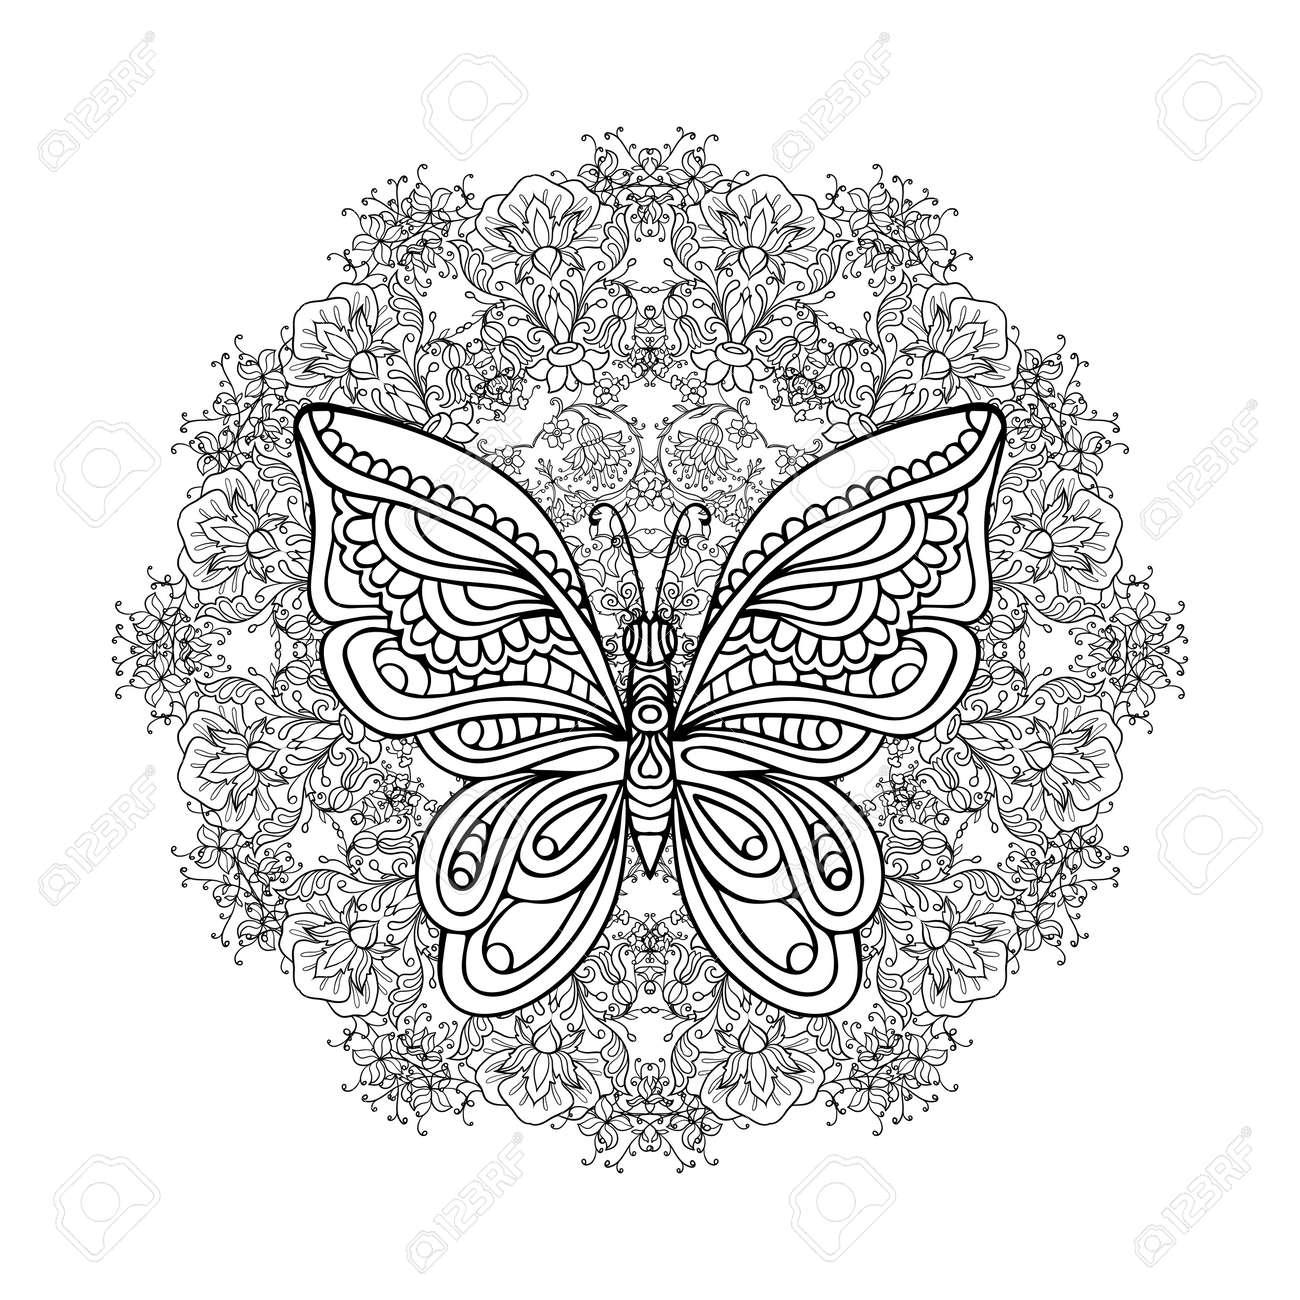 Libro De Colorante Para Los Adultos Y Niños Mayores Dibujo Para Colorear Con La Mandala Hecho De Flores De época Decorativos Y Mariposas Decorativas